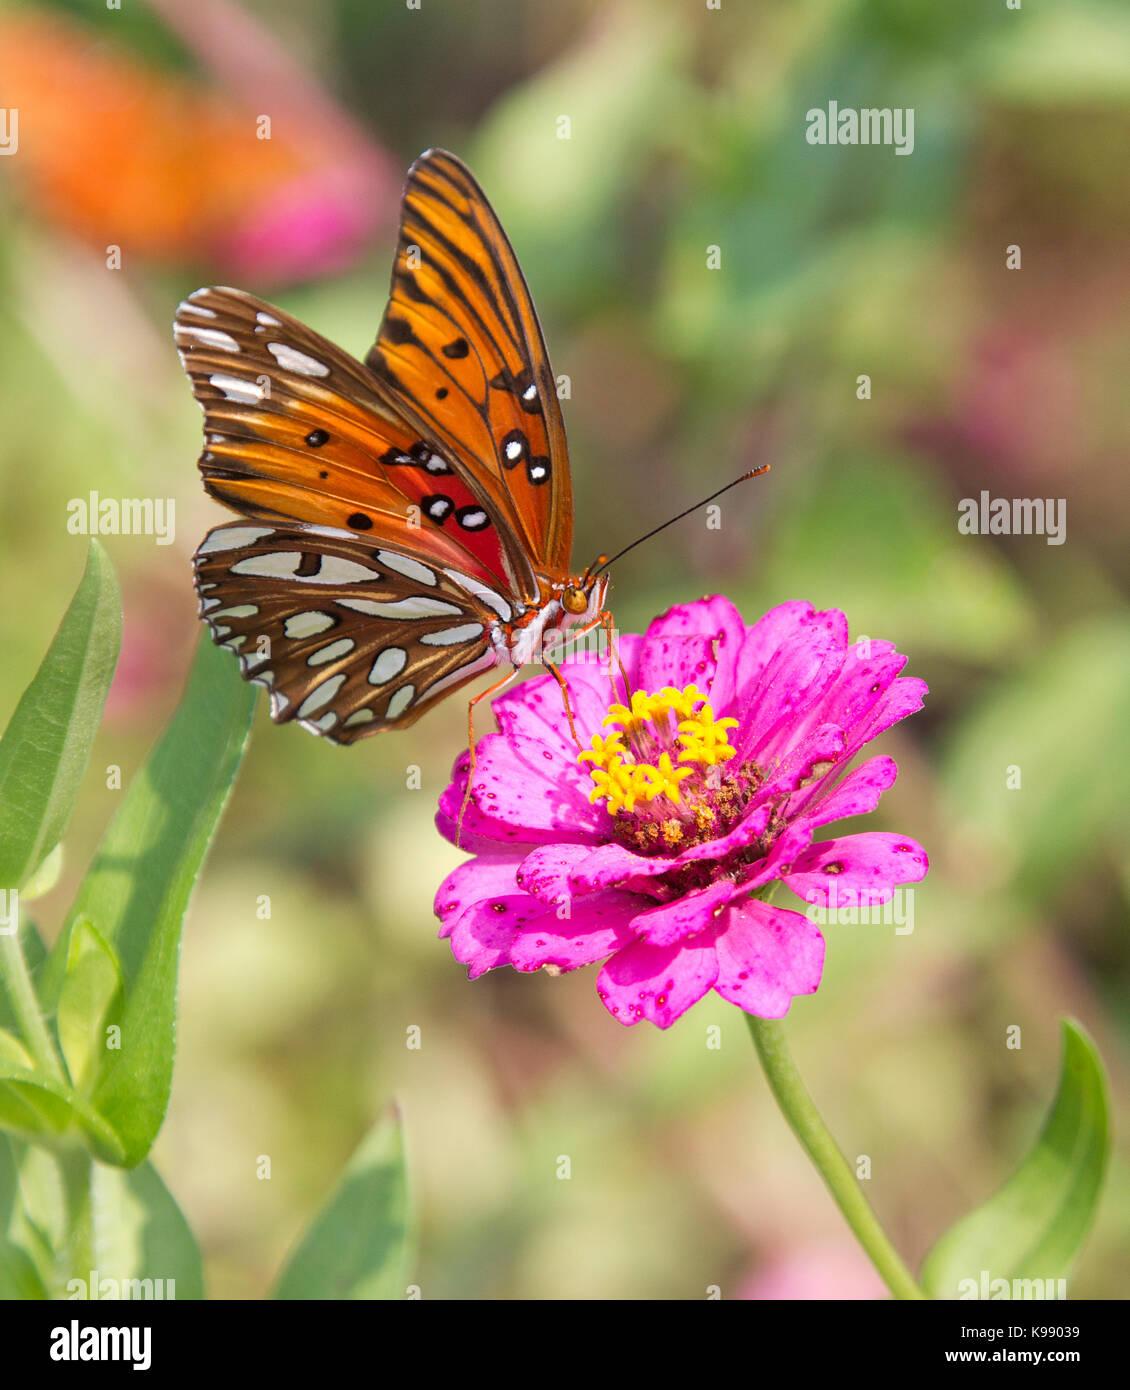 Gulf fritillary butterfly Photo Stock